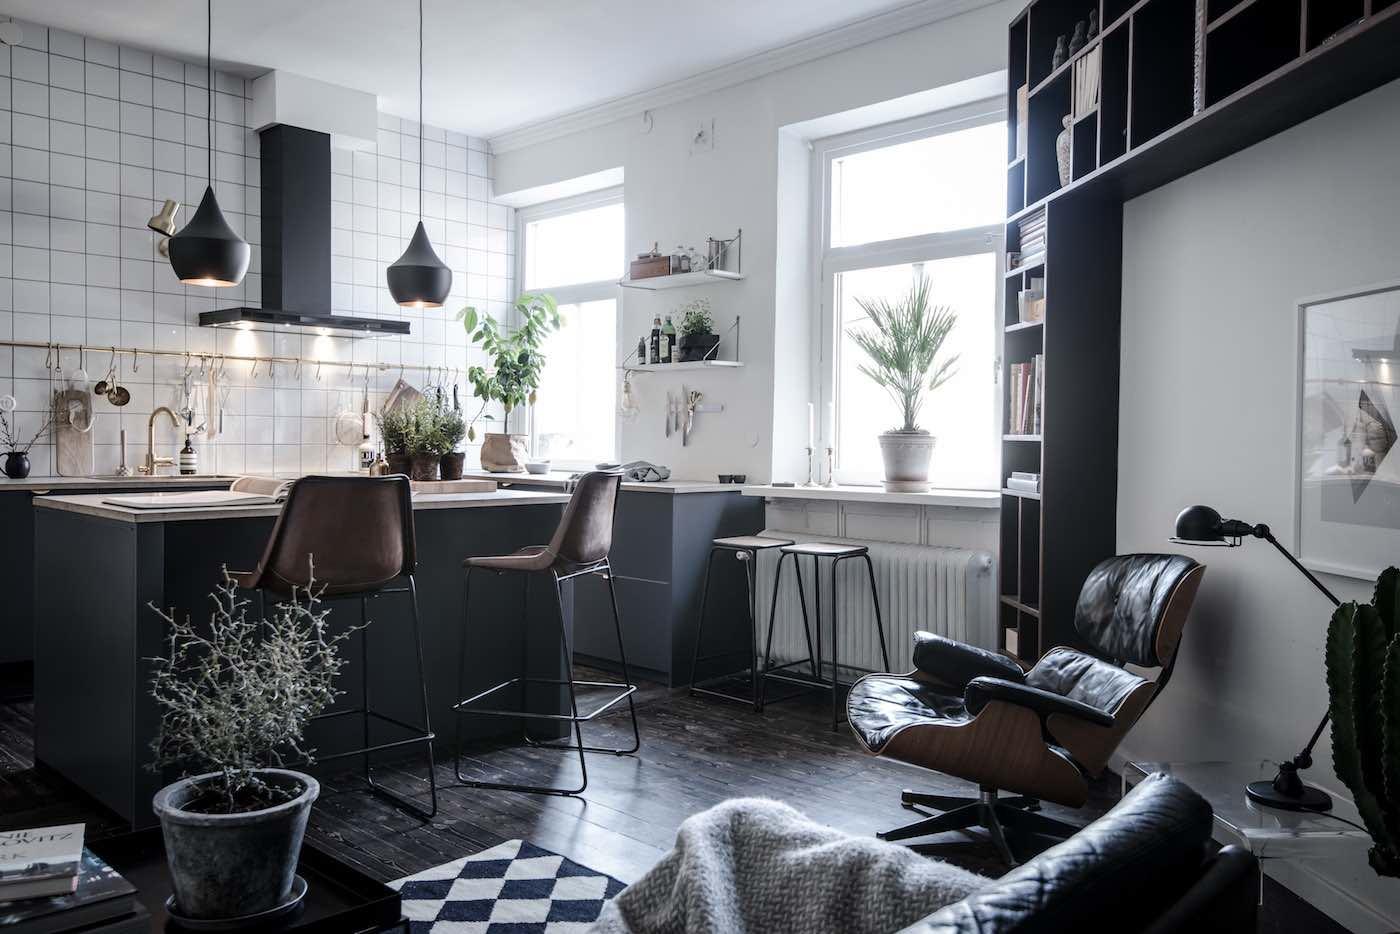 Extrem Design-Wohnung mit schwarzen Akzenten - Designs2love GY88